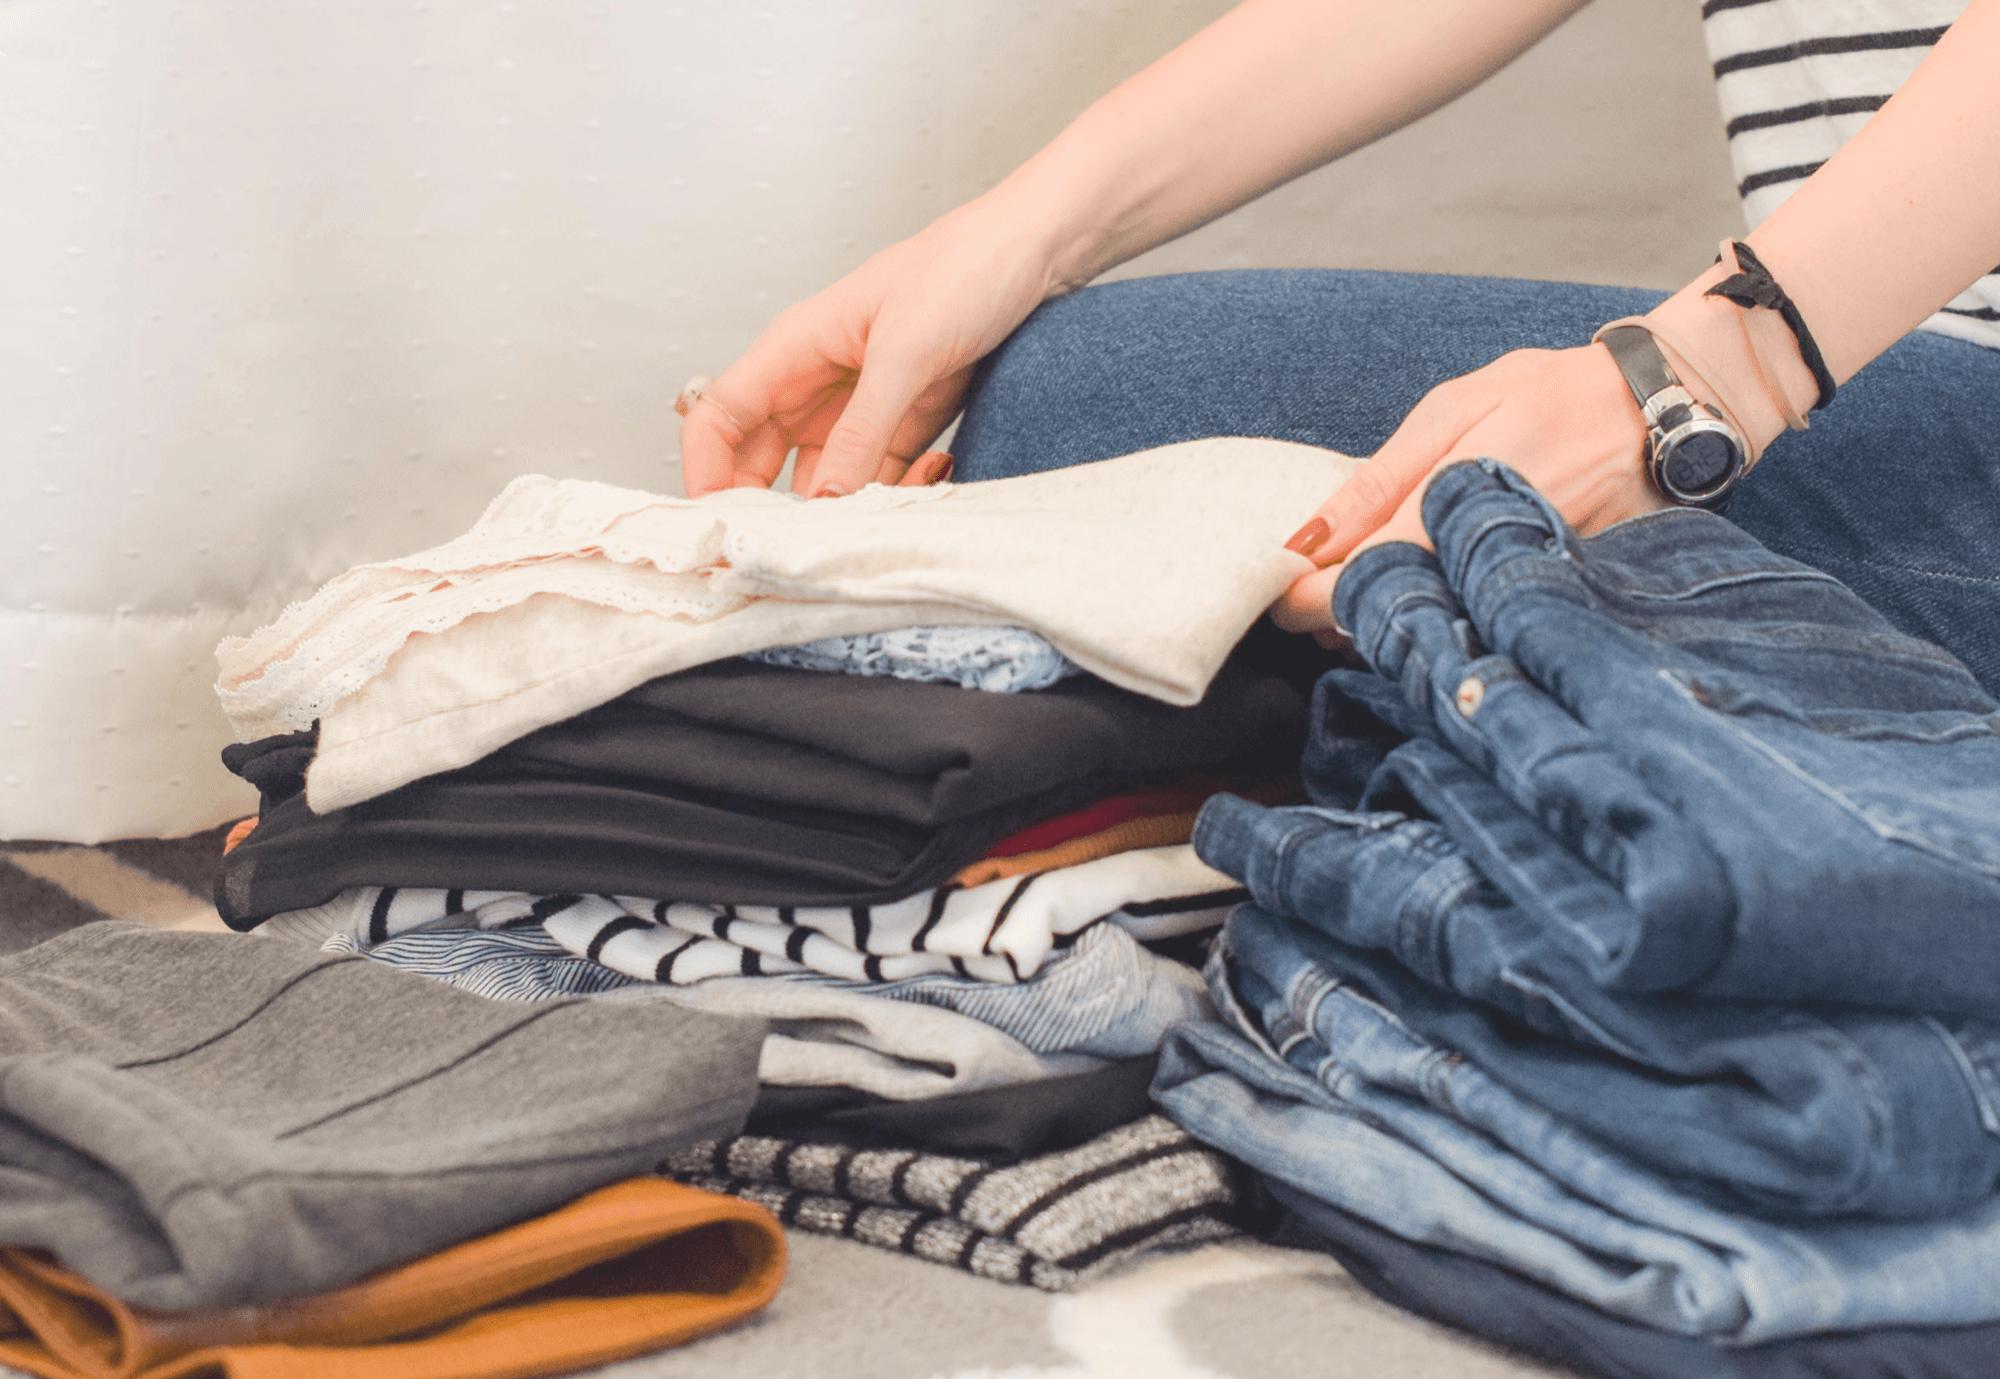 Frau legt Kleidung zusammen